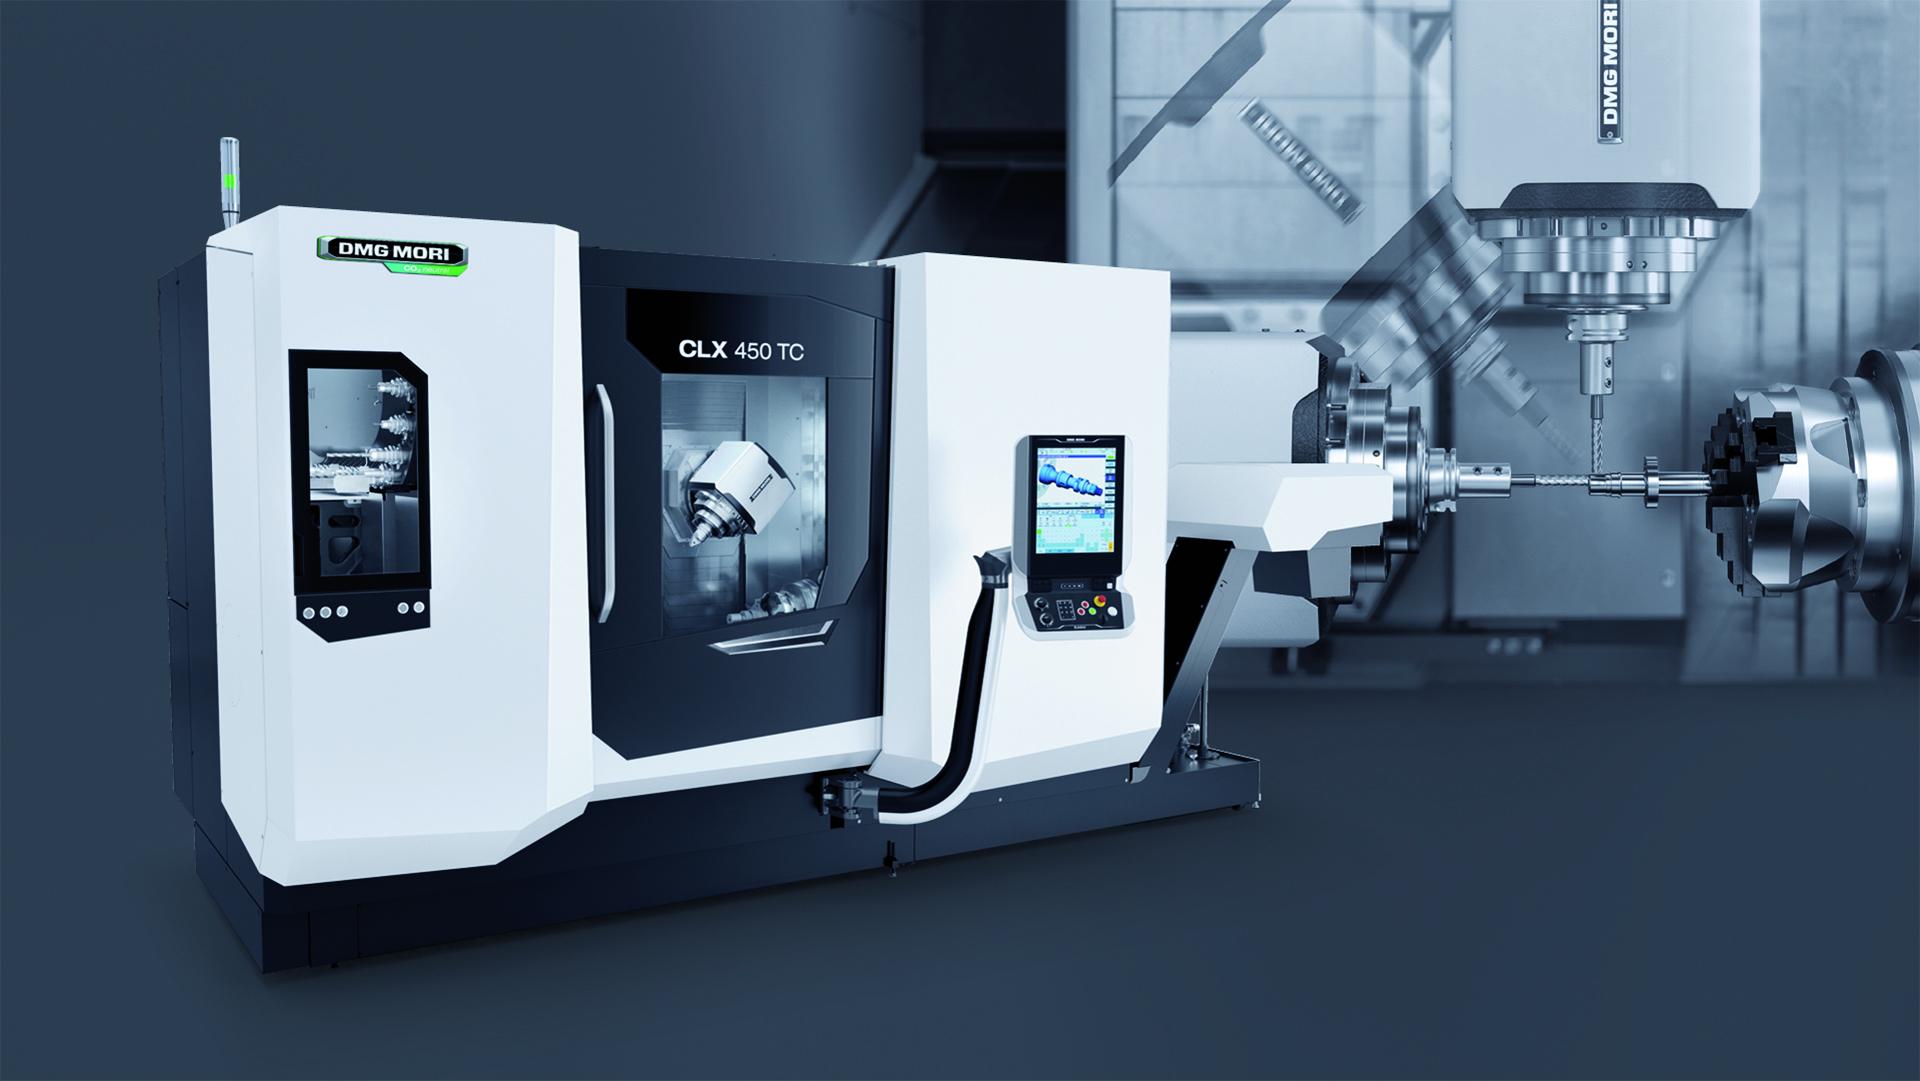 Zukunftssicherer Einstieg in die 6-seitige Komplettbearbeitung Mit der neuen CLX 450 TC und ihrer compactMASTER Dreh-Frässpindel reagiert DMG MORI auf die steigenden Anforderungen im Universaldrehen.